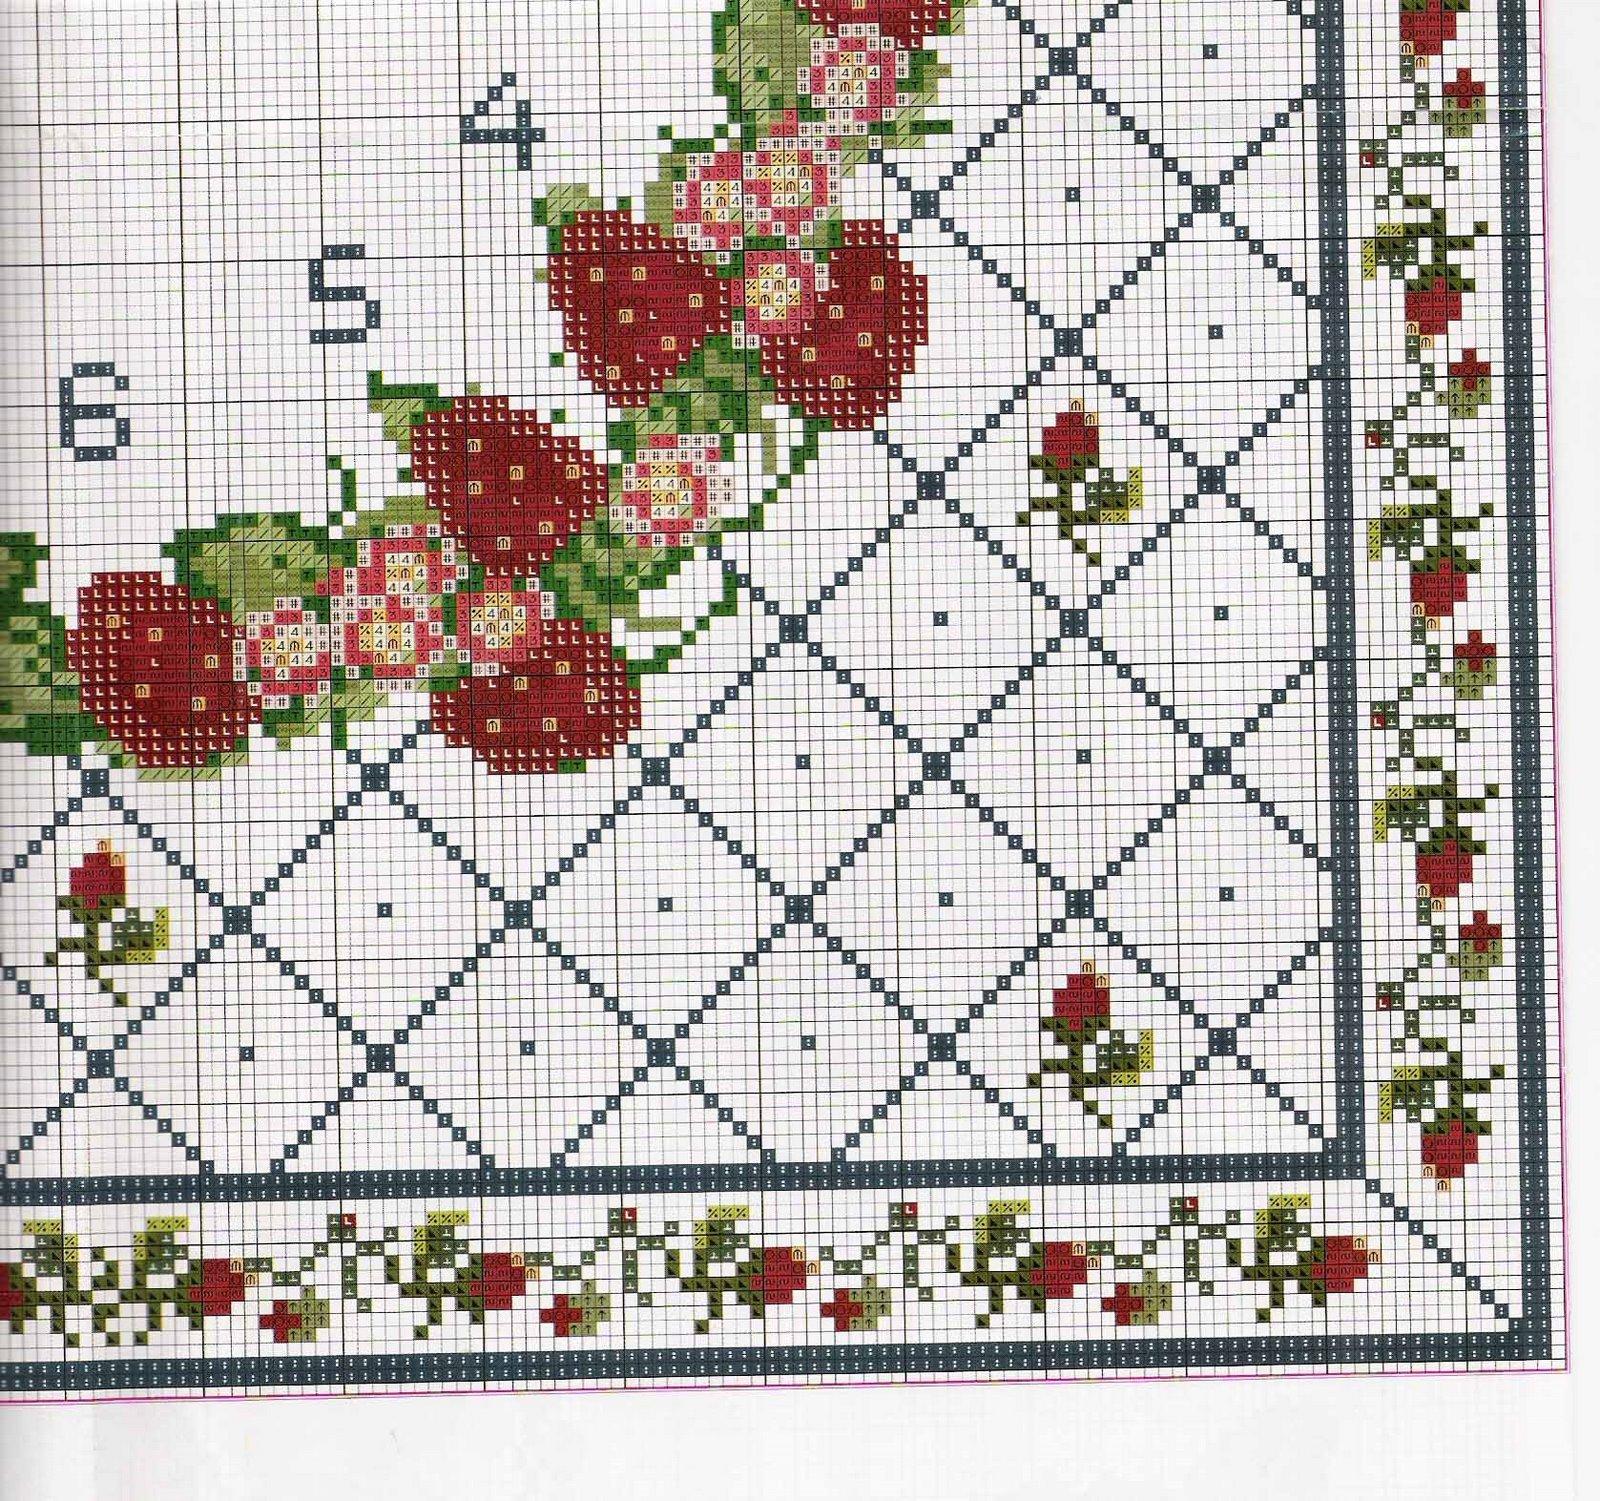 Orologio frutta 6 punto croce uncinetto for Orologio punto croce schemi gratis